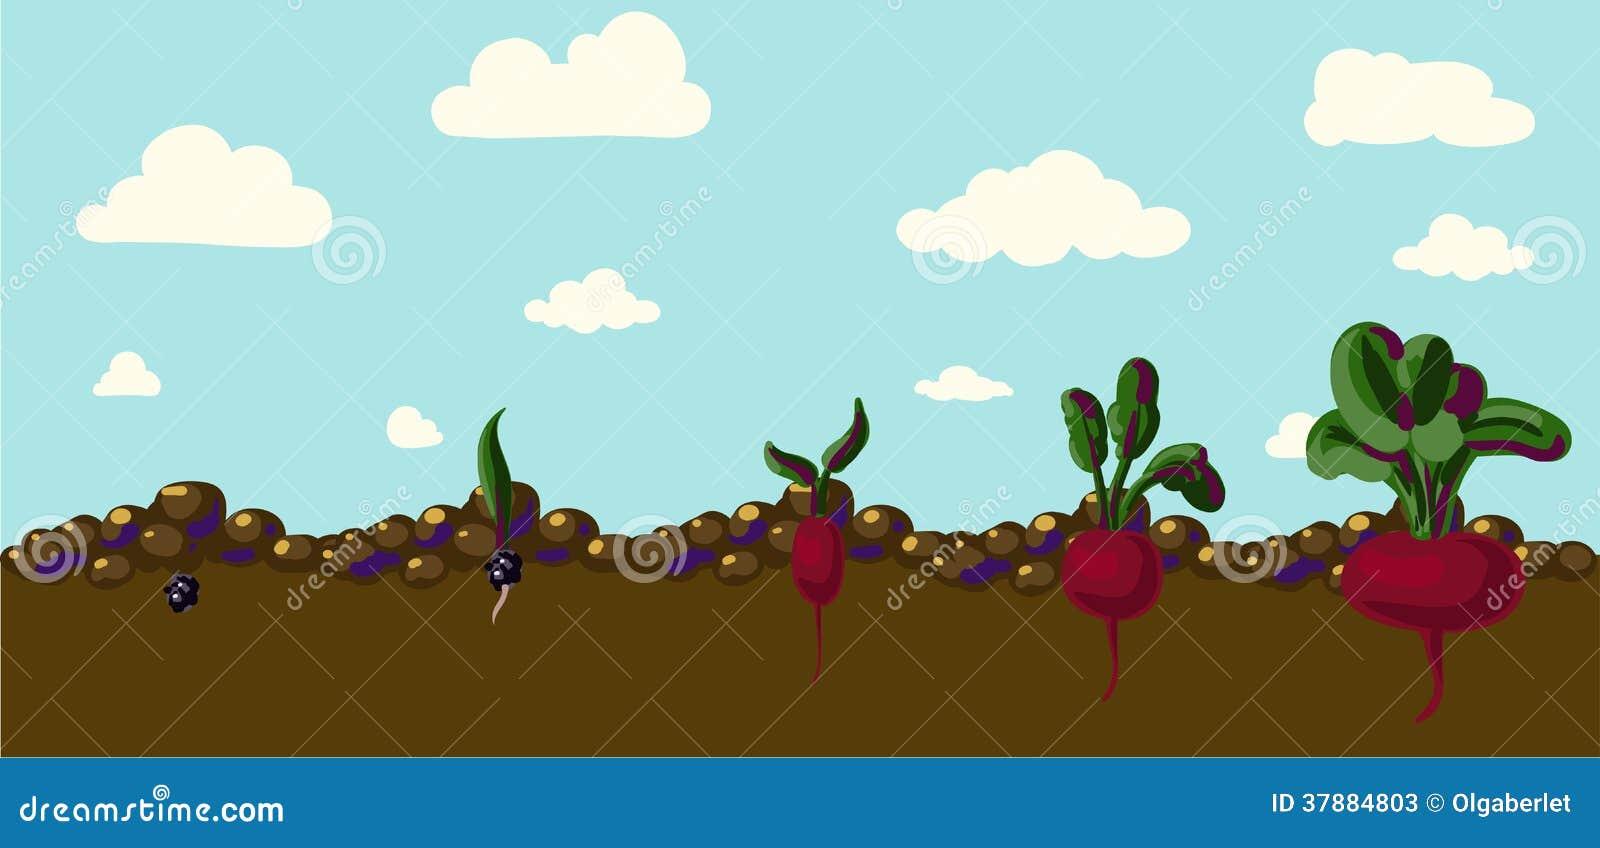 Uppsättning av realistiska grönsakbeta